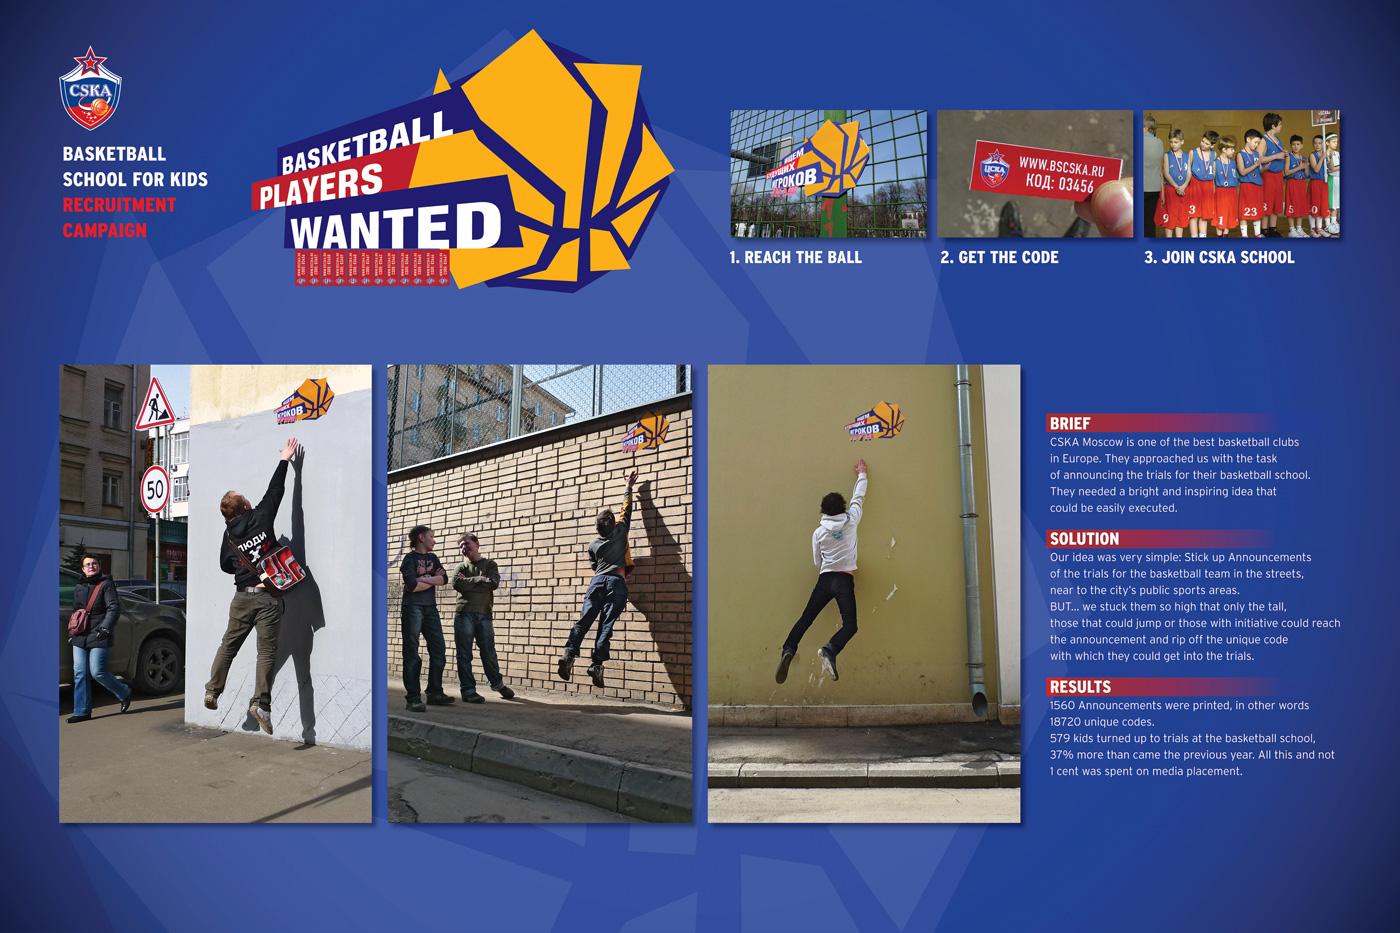 basketballplayers wanted Российские спортсмены засветились в нестандарте